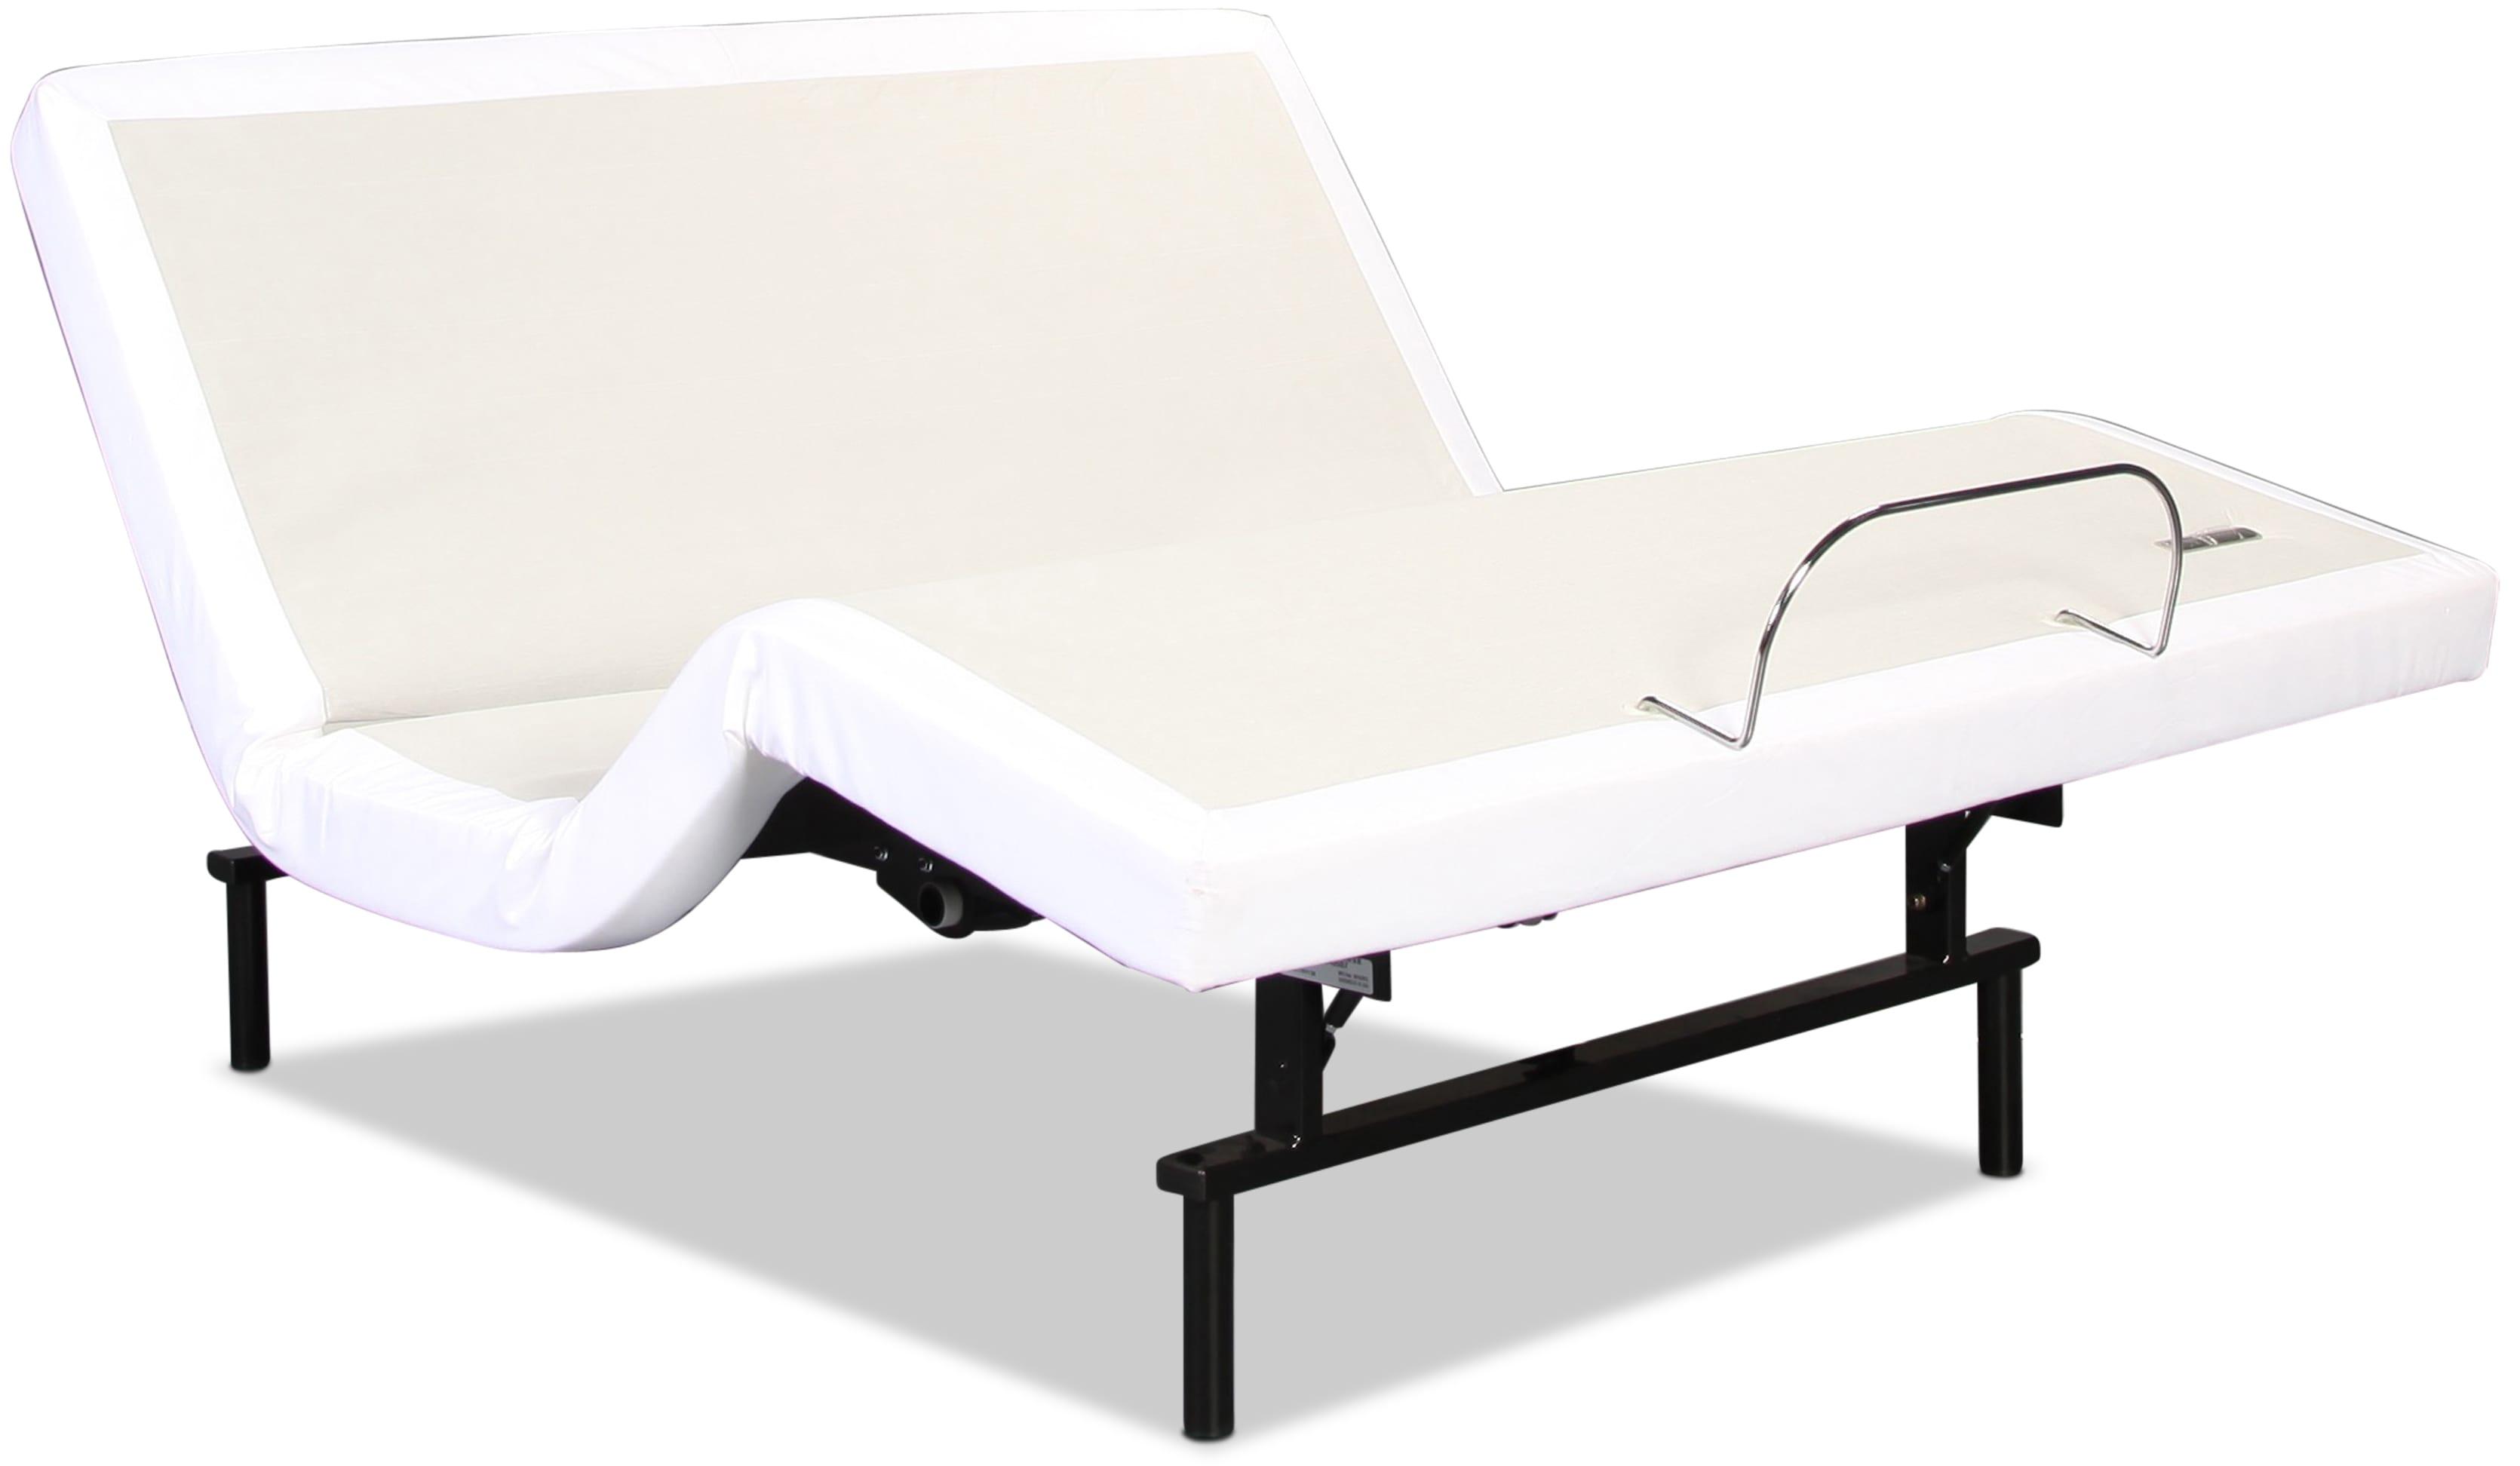 Serta iComfort Motion Essentials King Adjustable Base